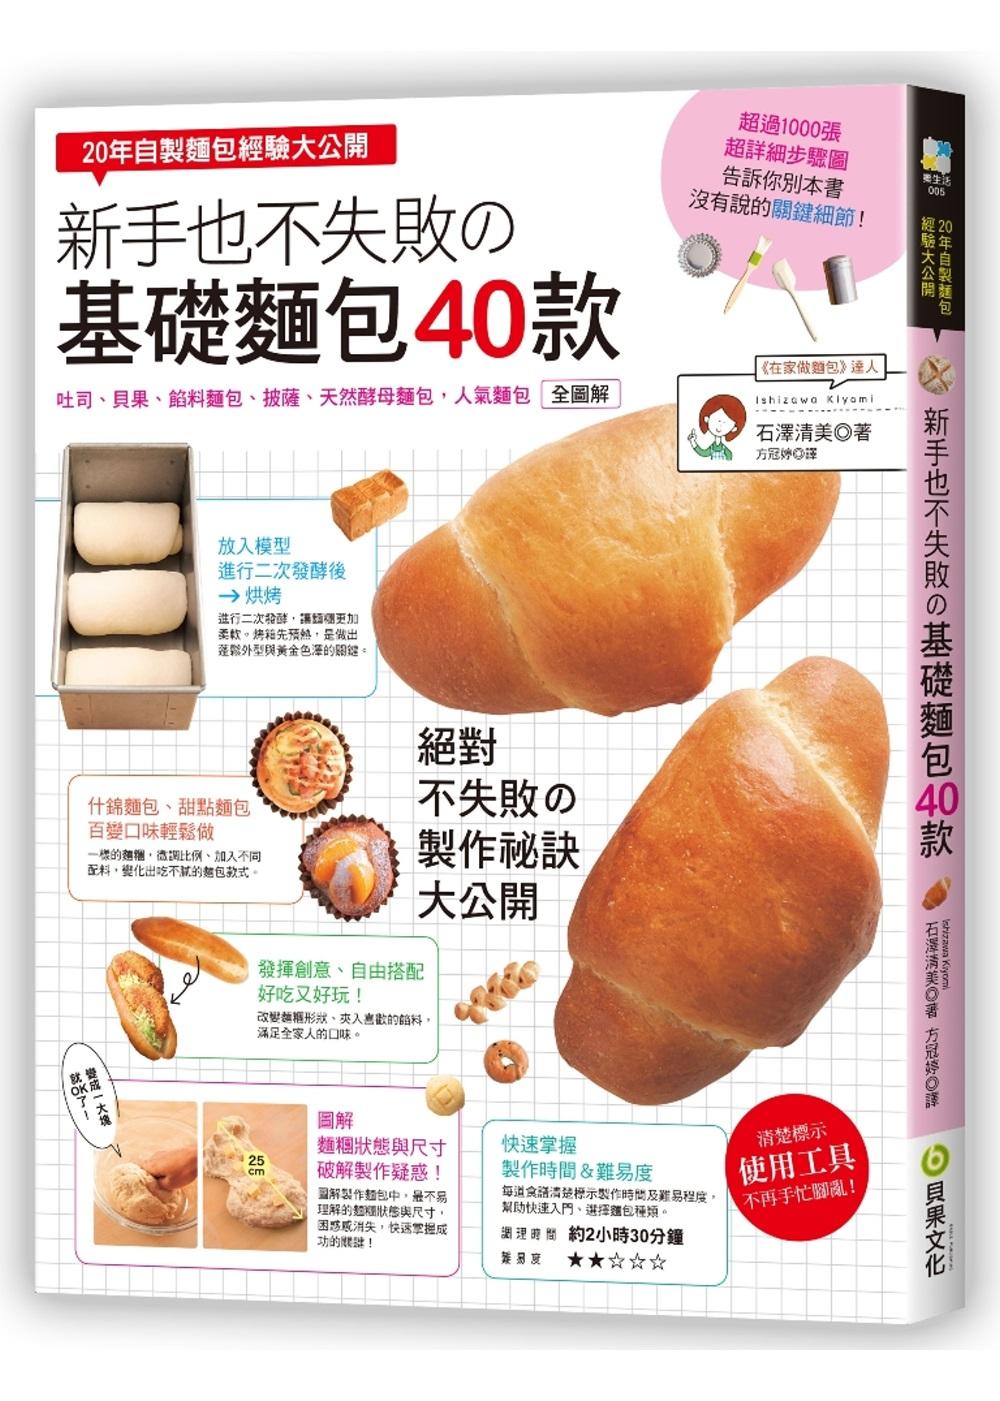 新手也不失敗の~基礎麵包~40款:20年自製麵包經驗大公開,吐司、貝果、餡料麵包、天然酵母